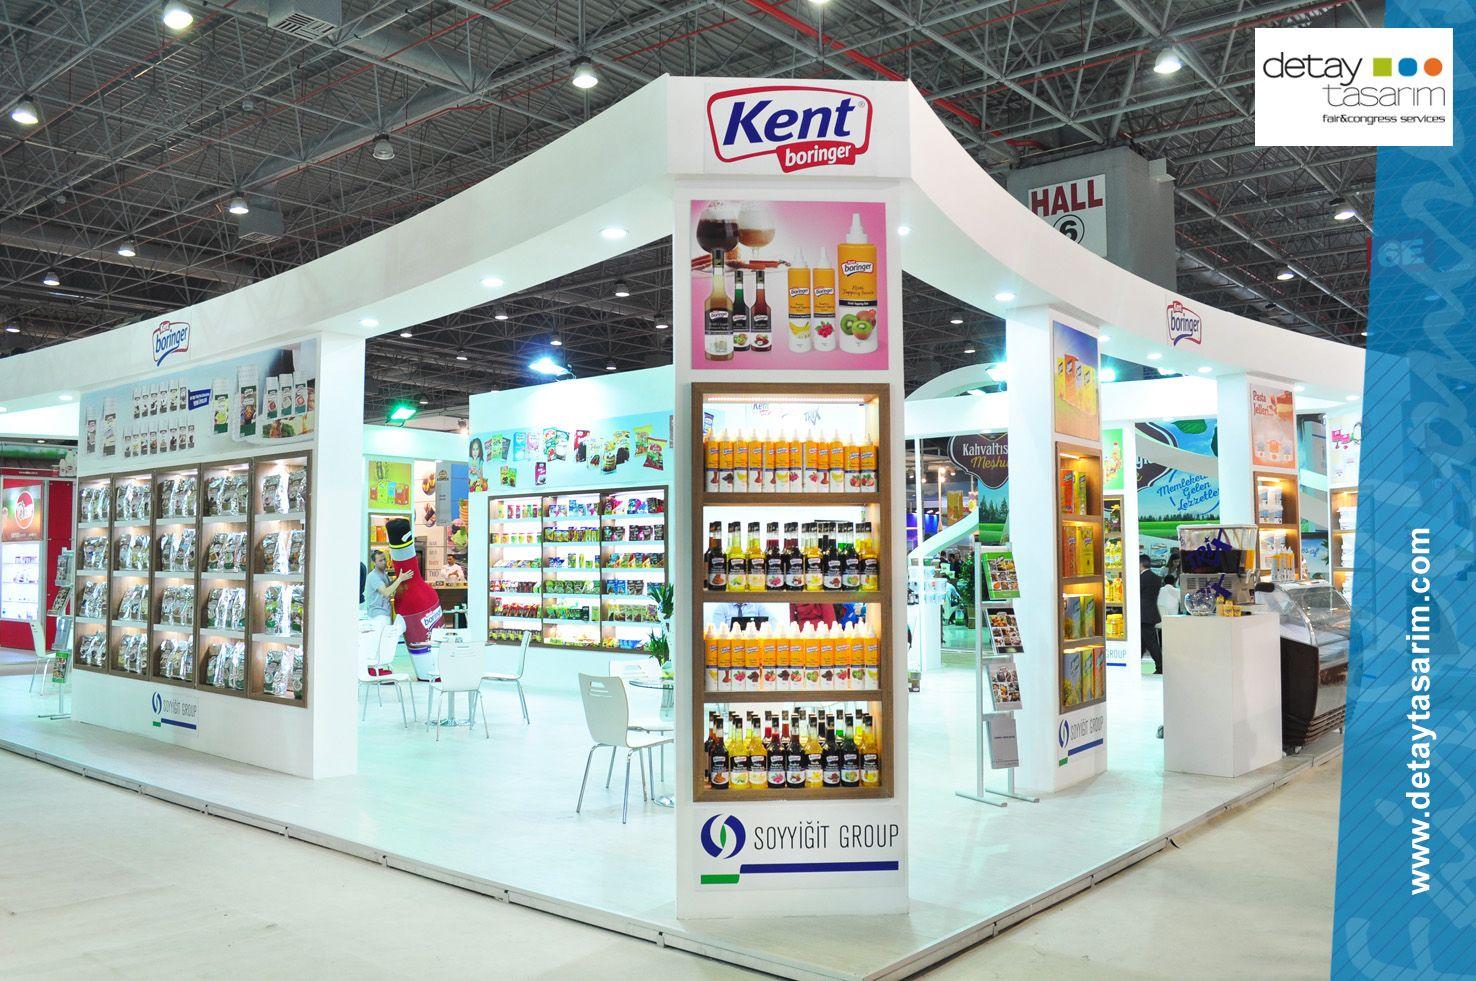 Exhibition Stand Builders Kent : Kent boringer stand by detya tasarım